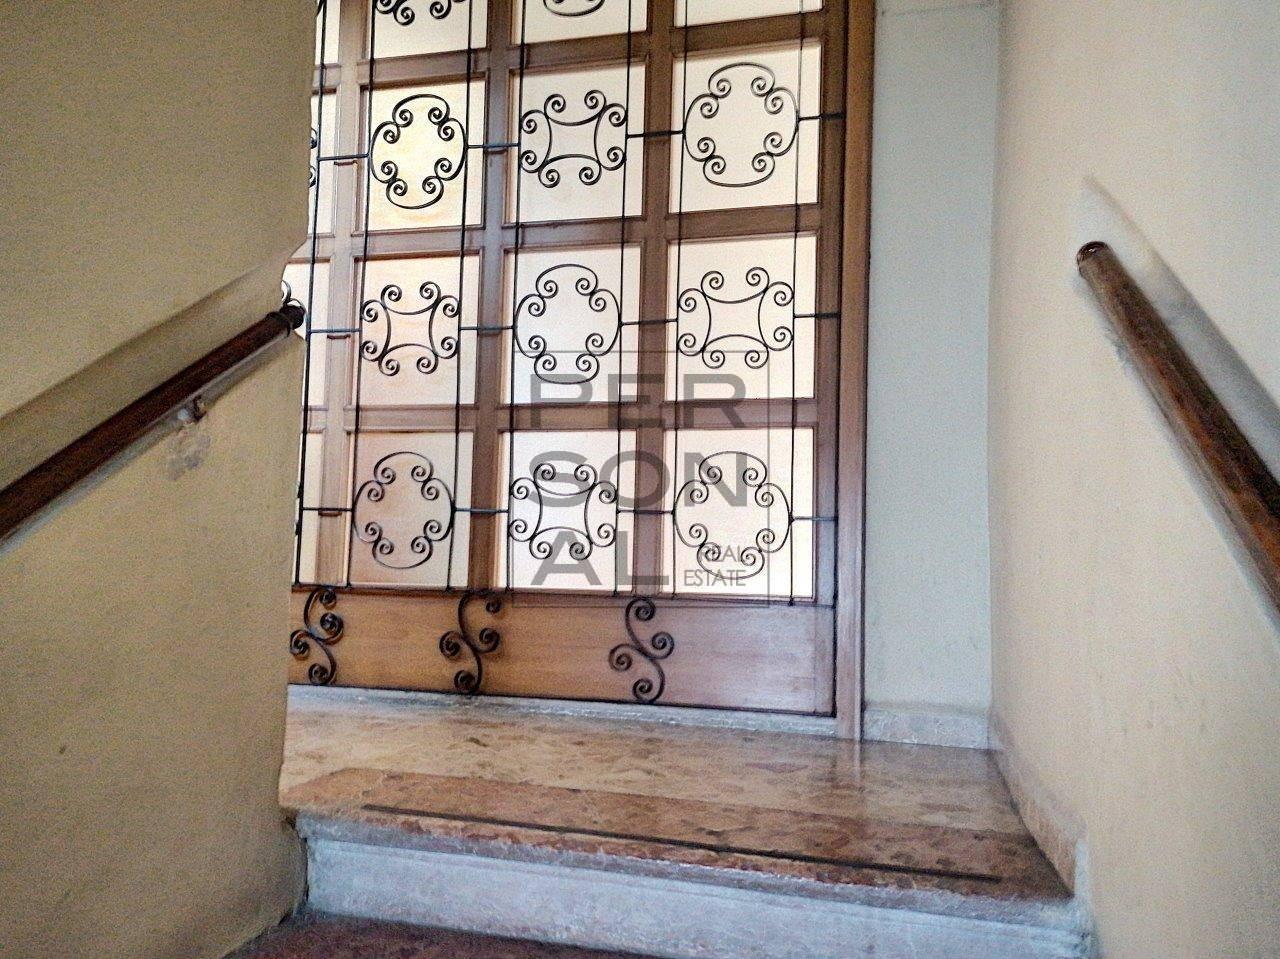 Appartamento in vendita a Rovereto, 6 locali, prezzo € 180.000 | CambioCasa.it